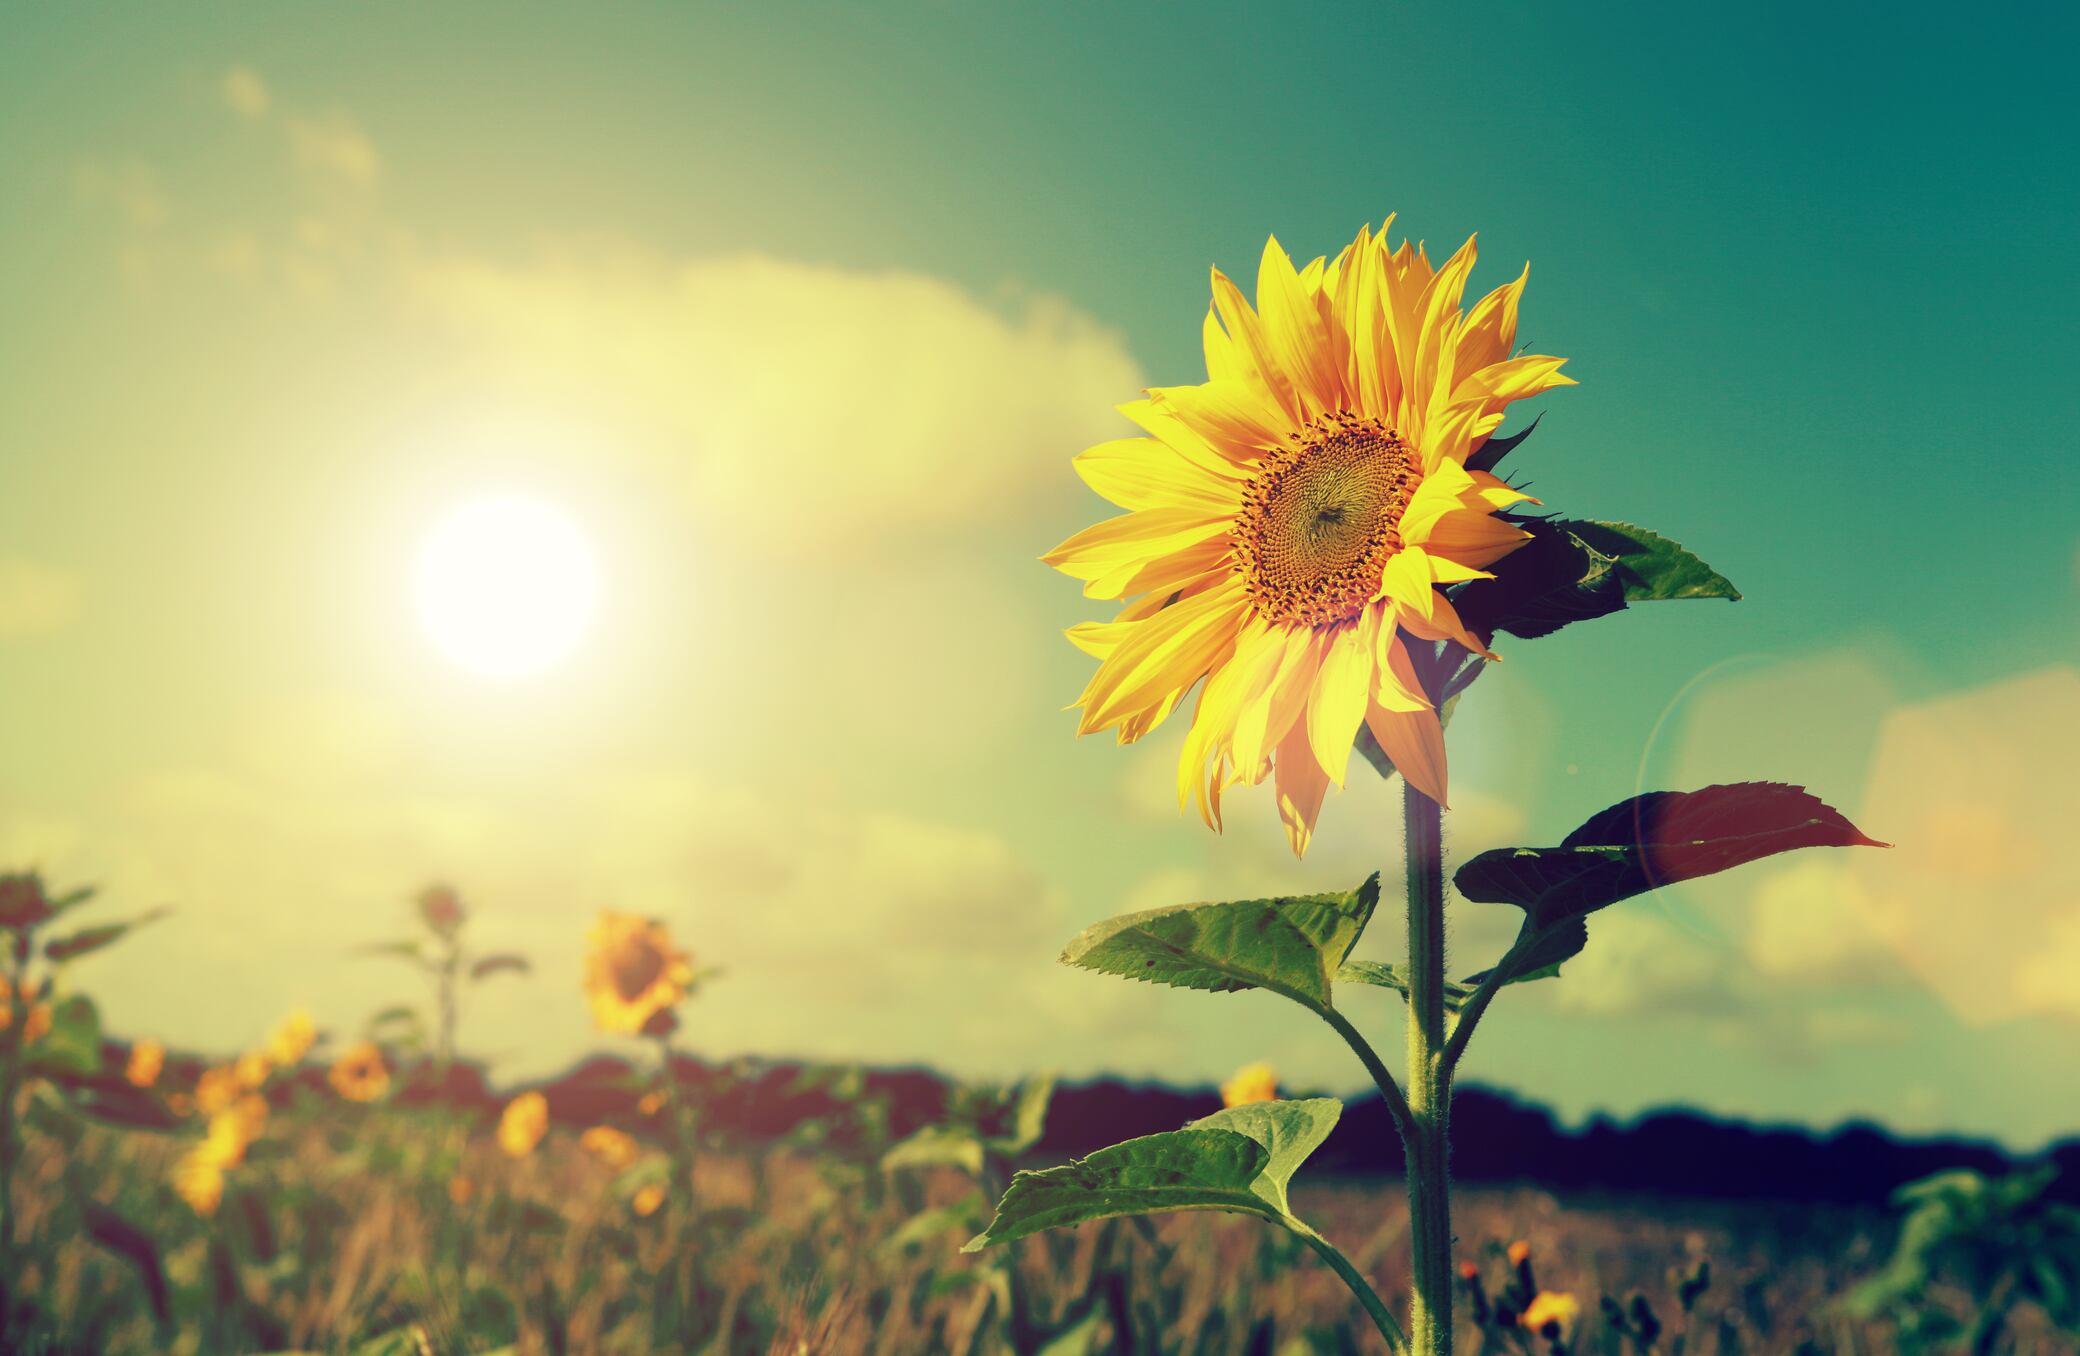 Daher hat die Sonnenblume ihren Namen